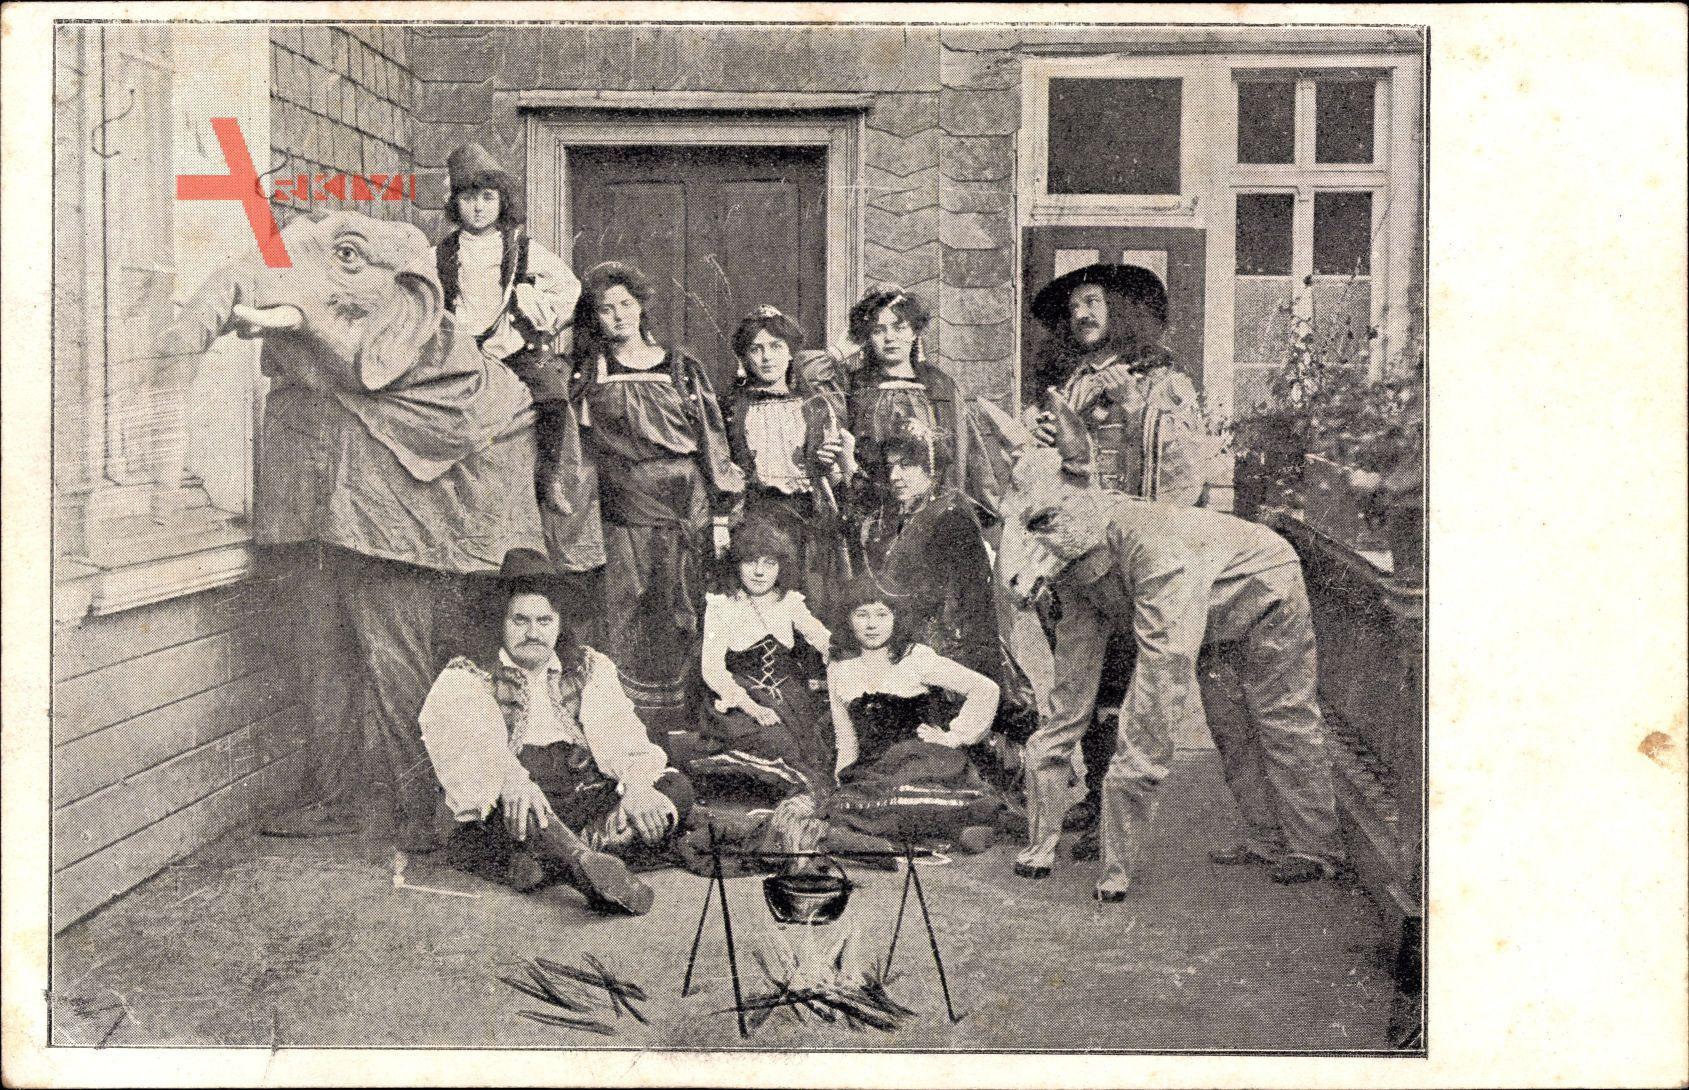 Karnevalskostüme, Esel, Elefant, Zigeunerlager